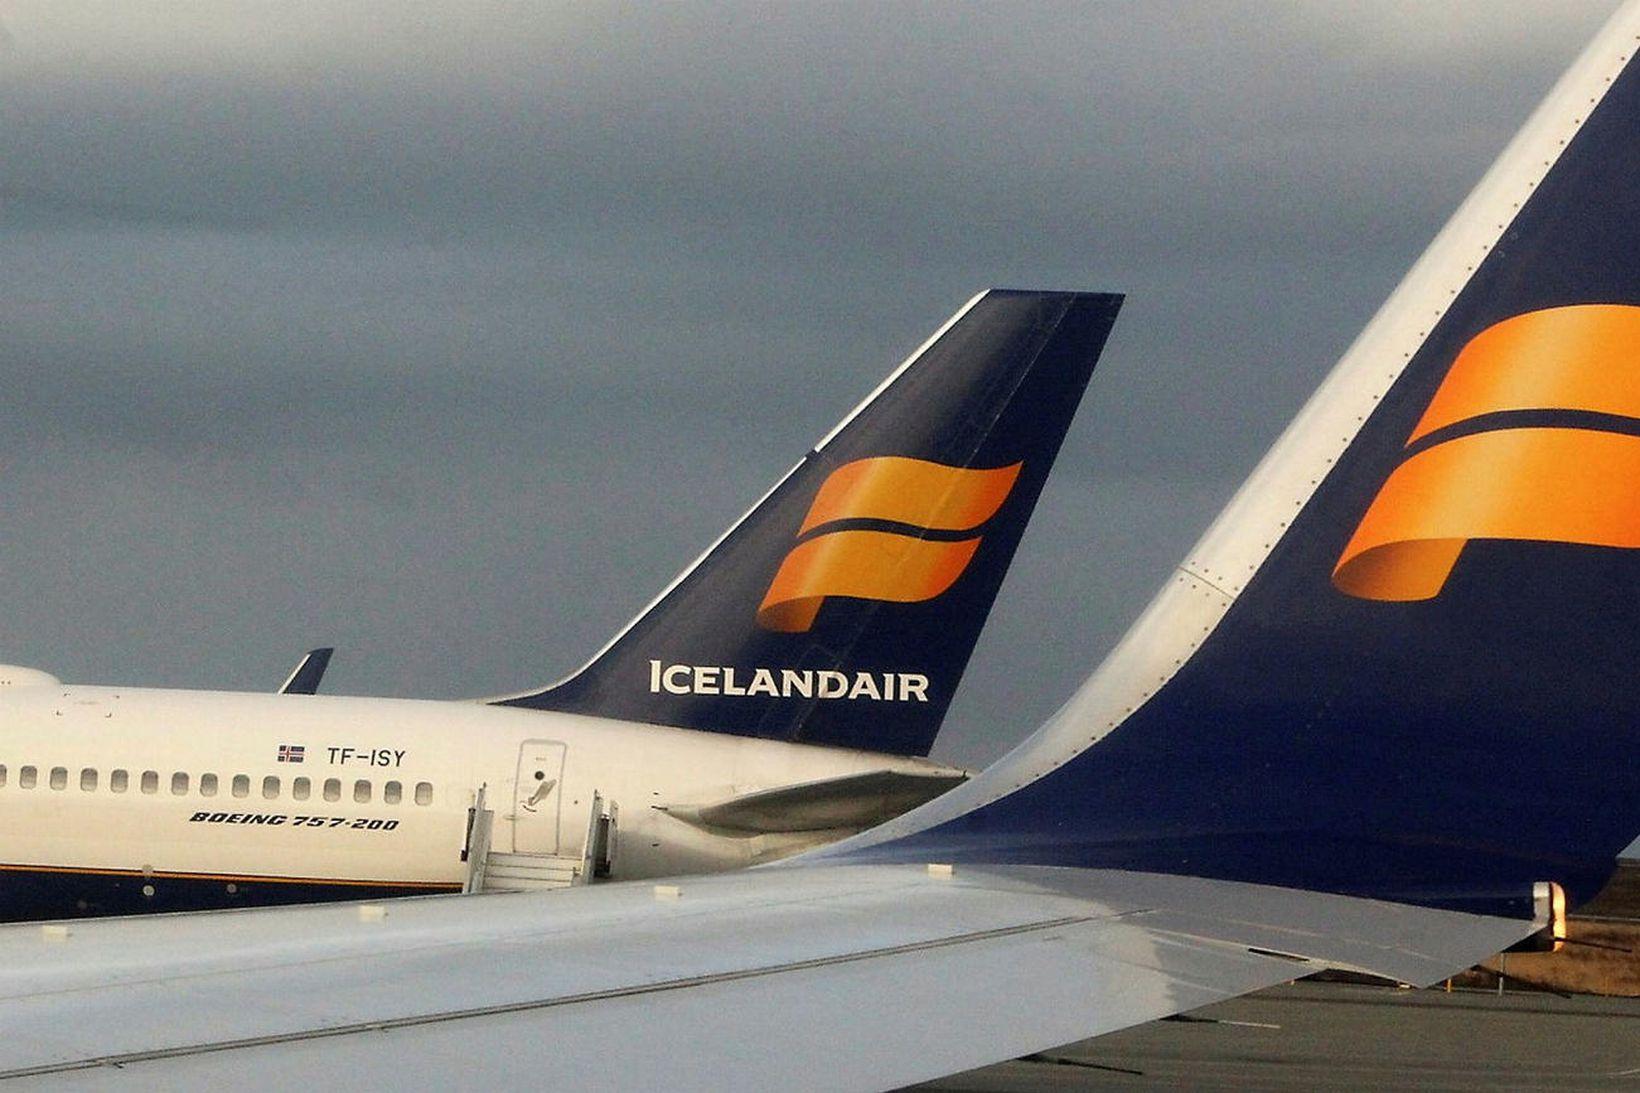 Þotur frá Icelandair.